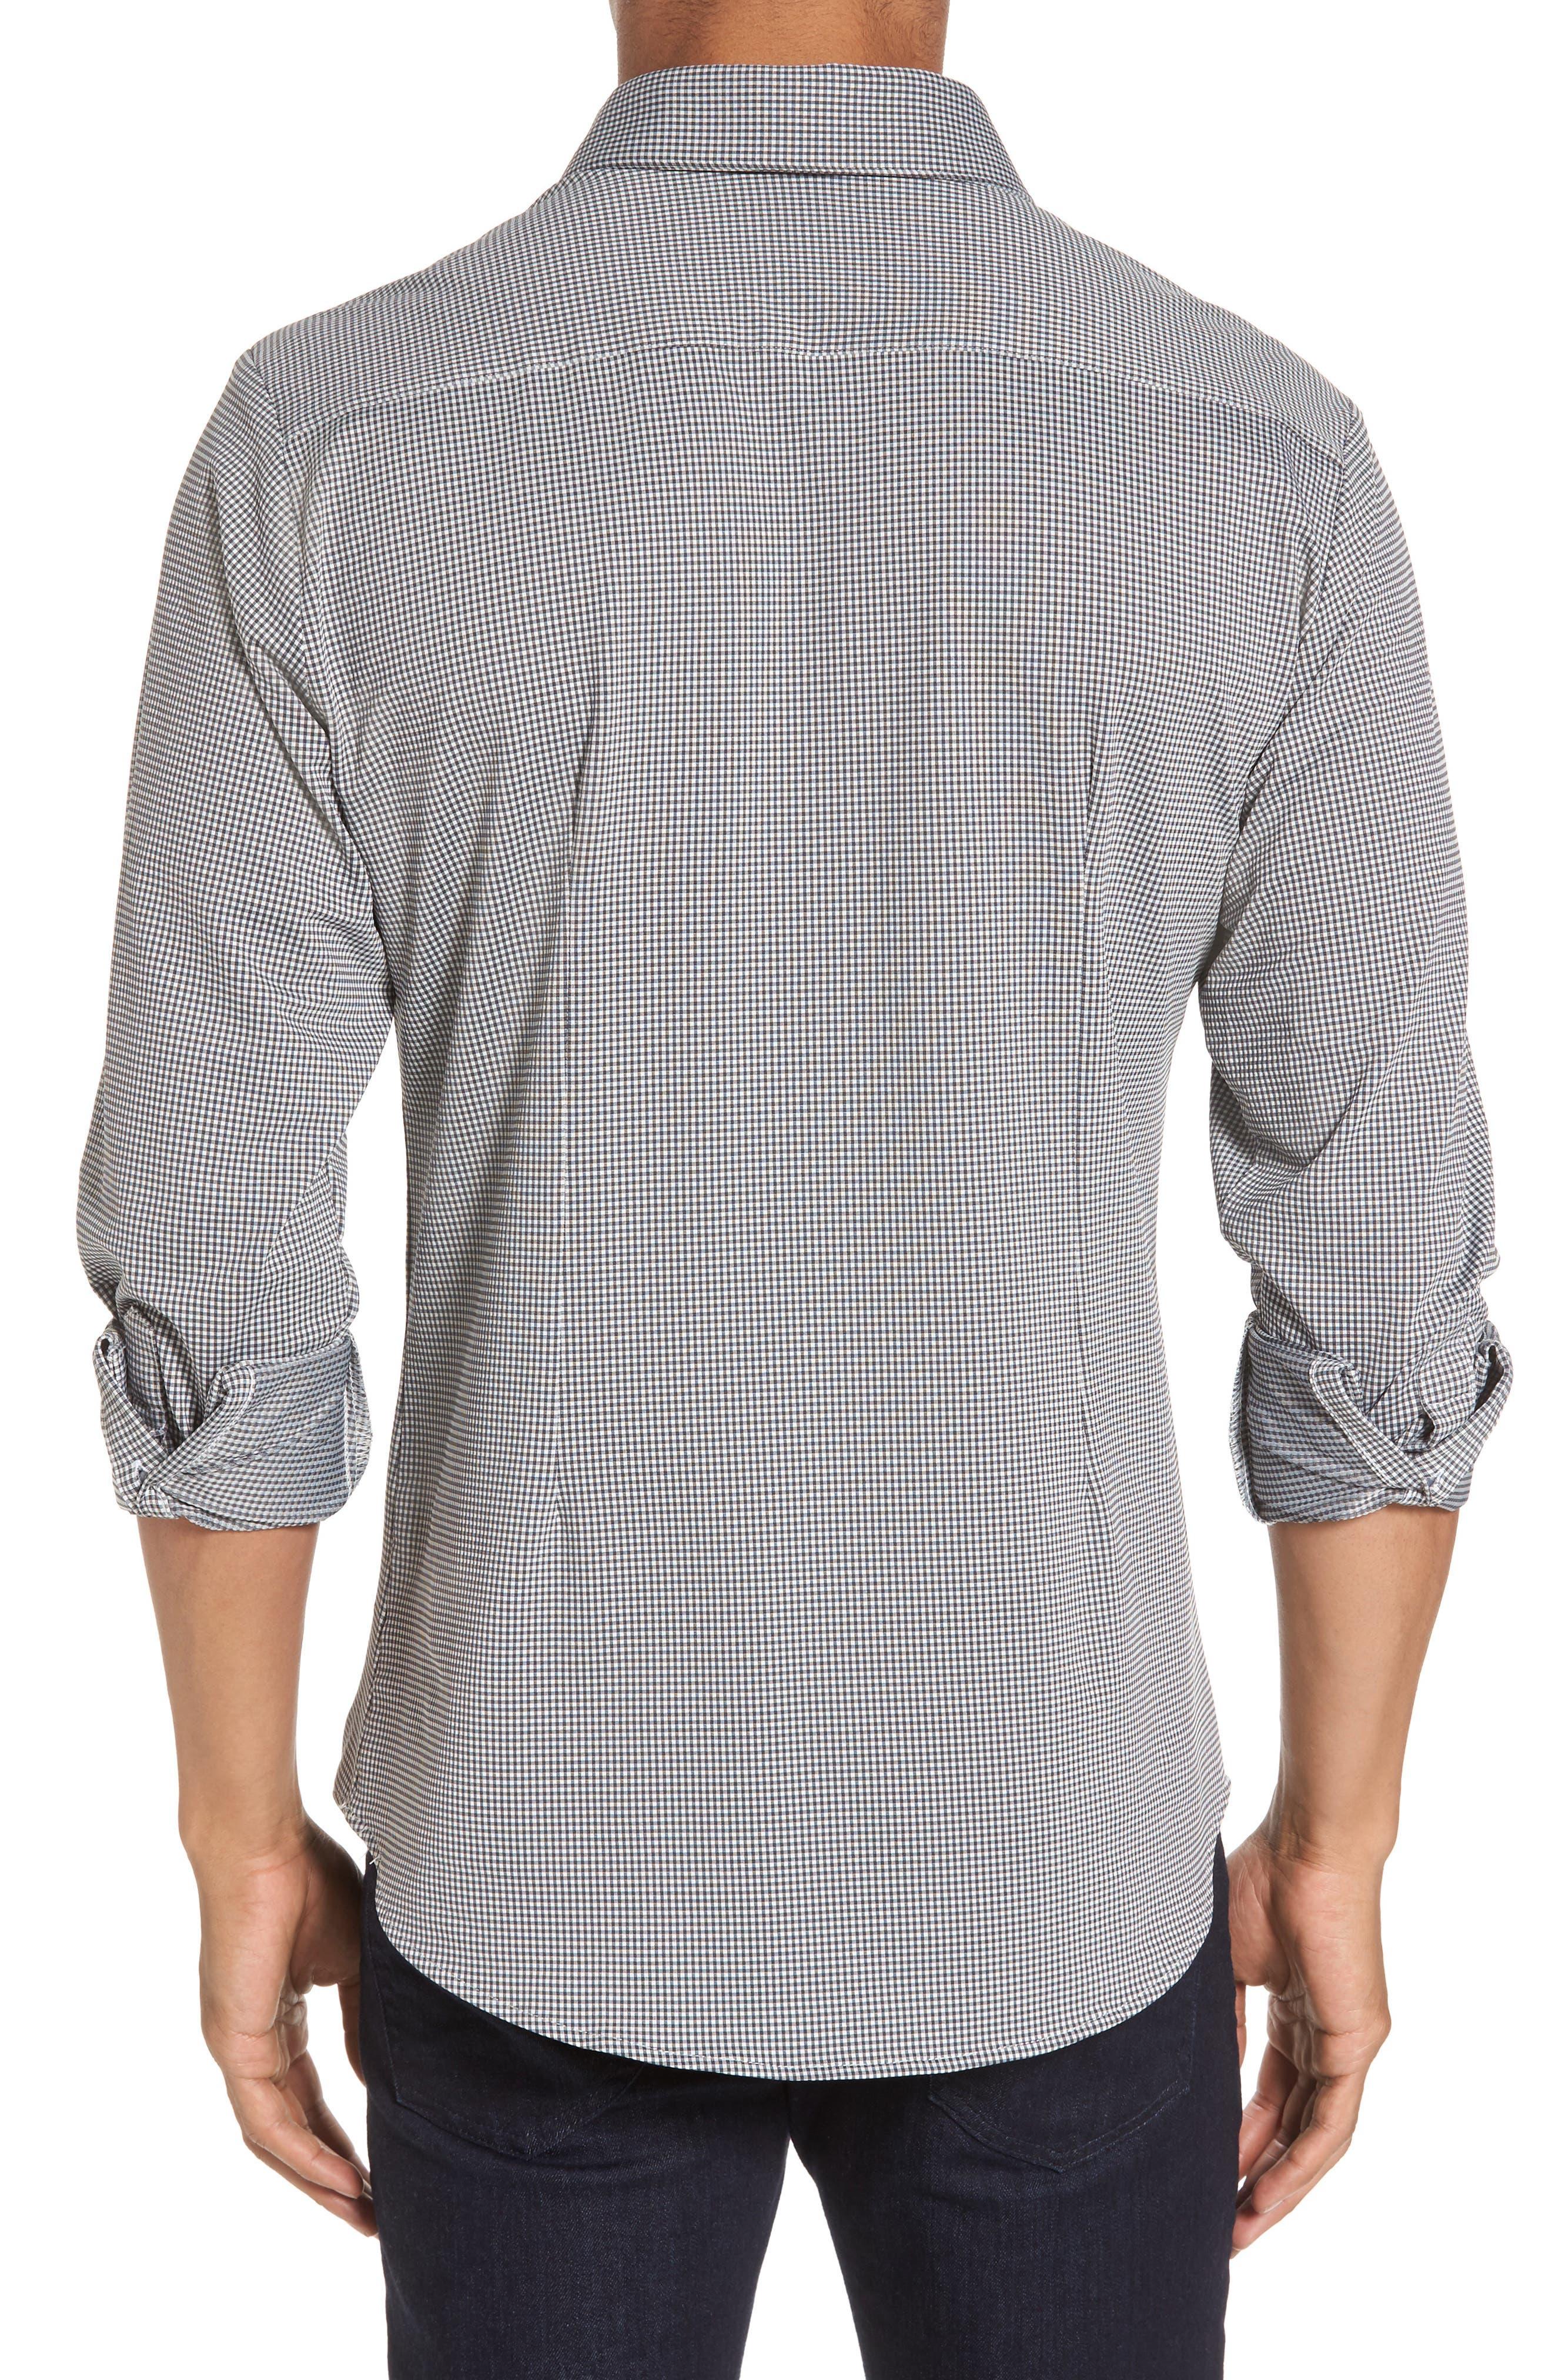 Davenport Gingham Sport Shirt,                             Alternate thumbnail 4, color,